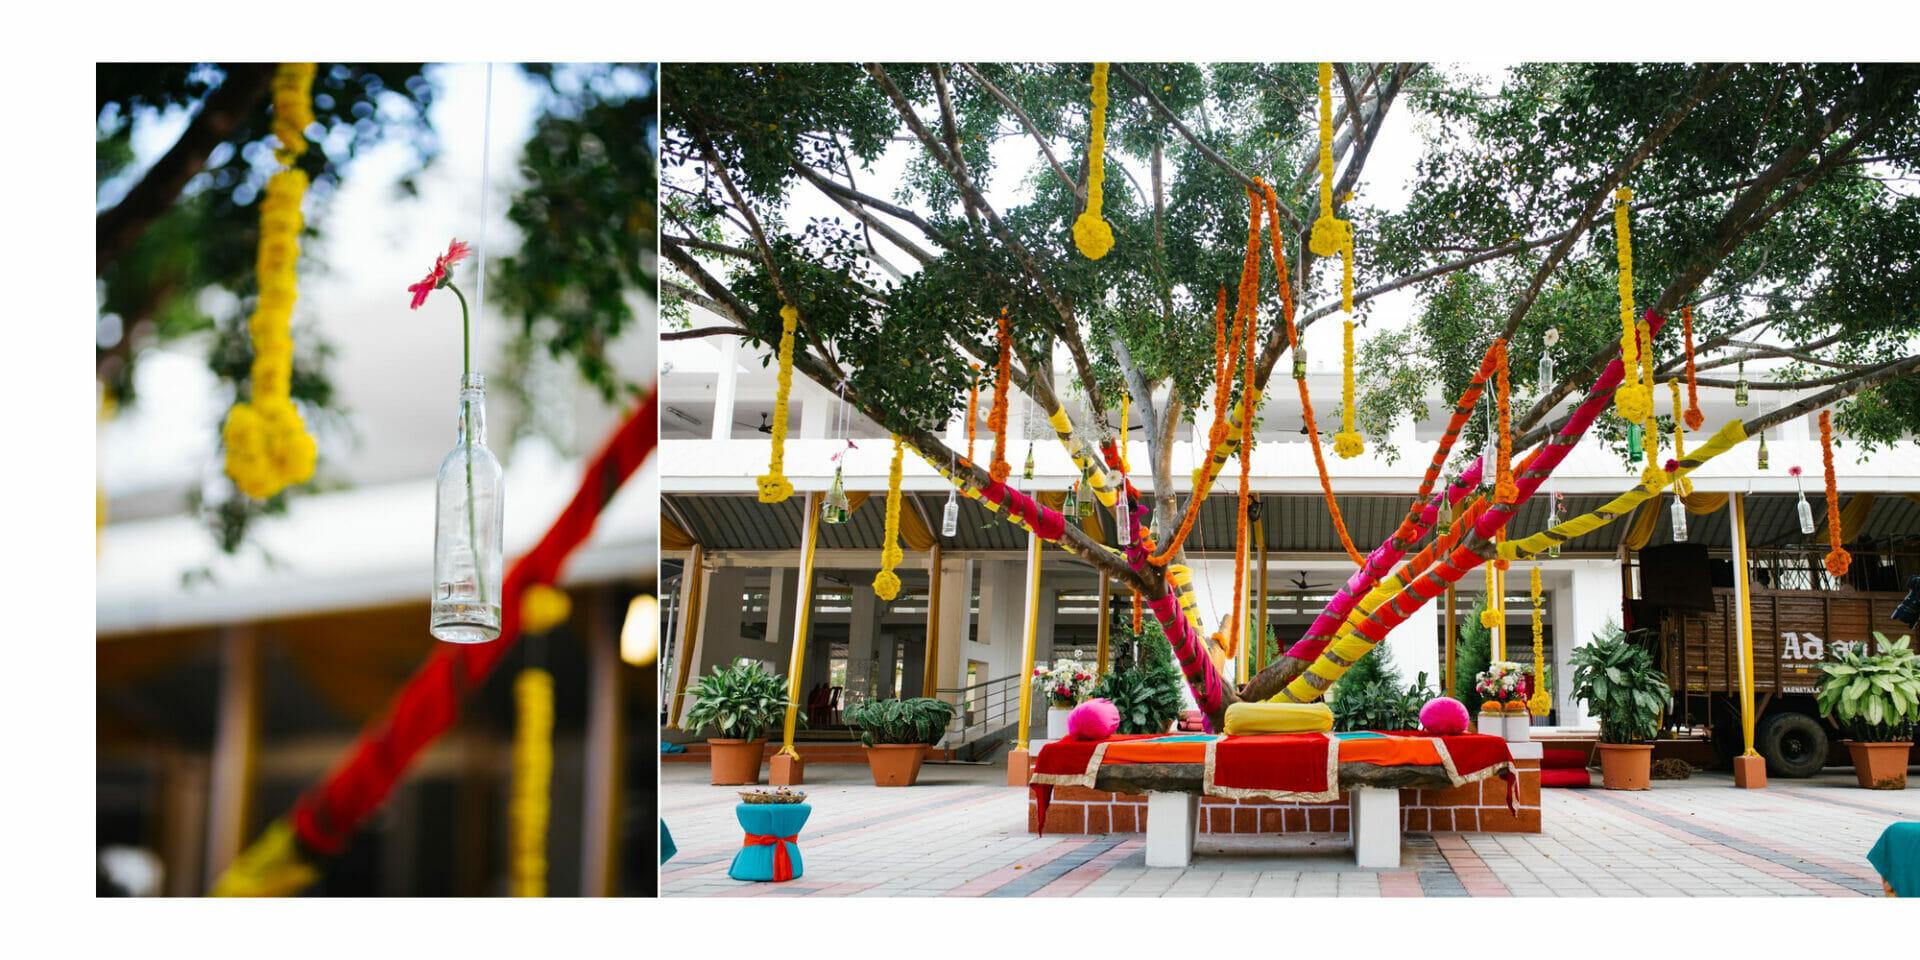 shruti annayya sree vikash photography mehandi sangeeth kalathur gardens 2